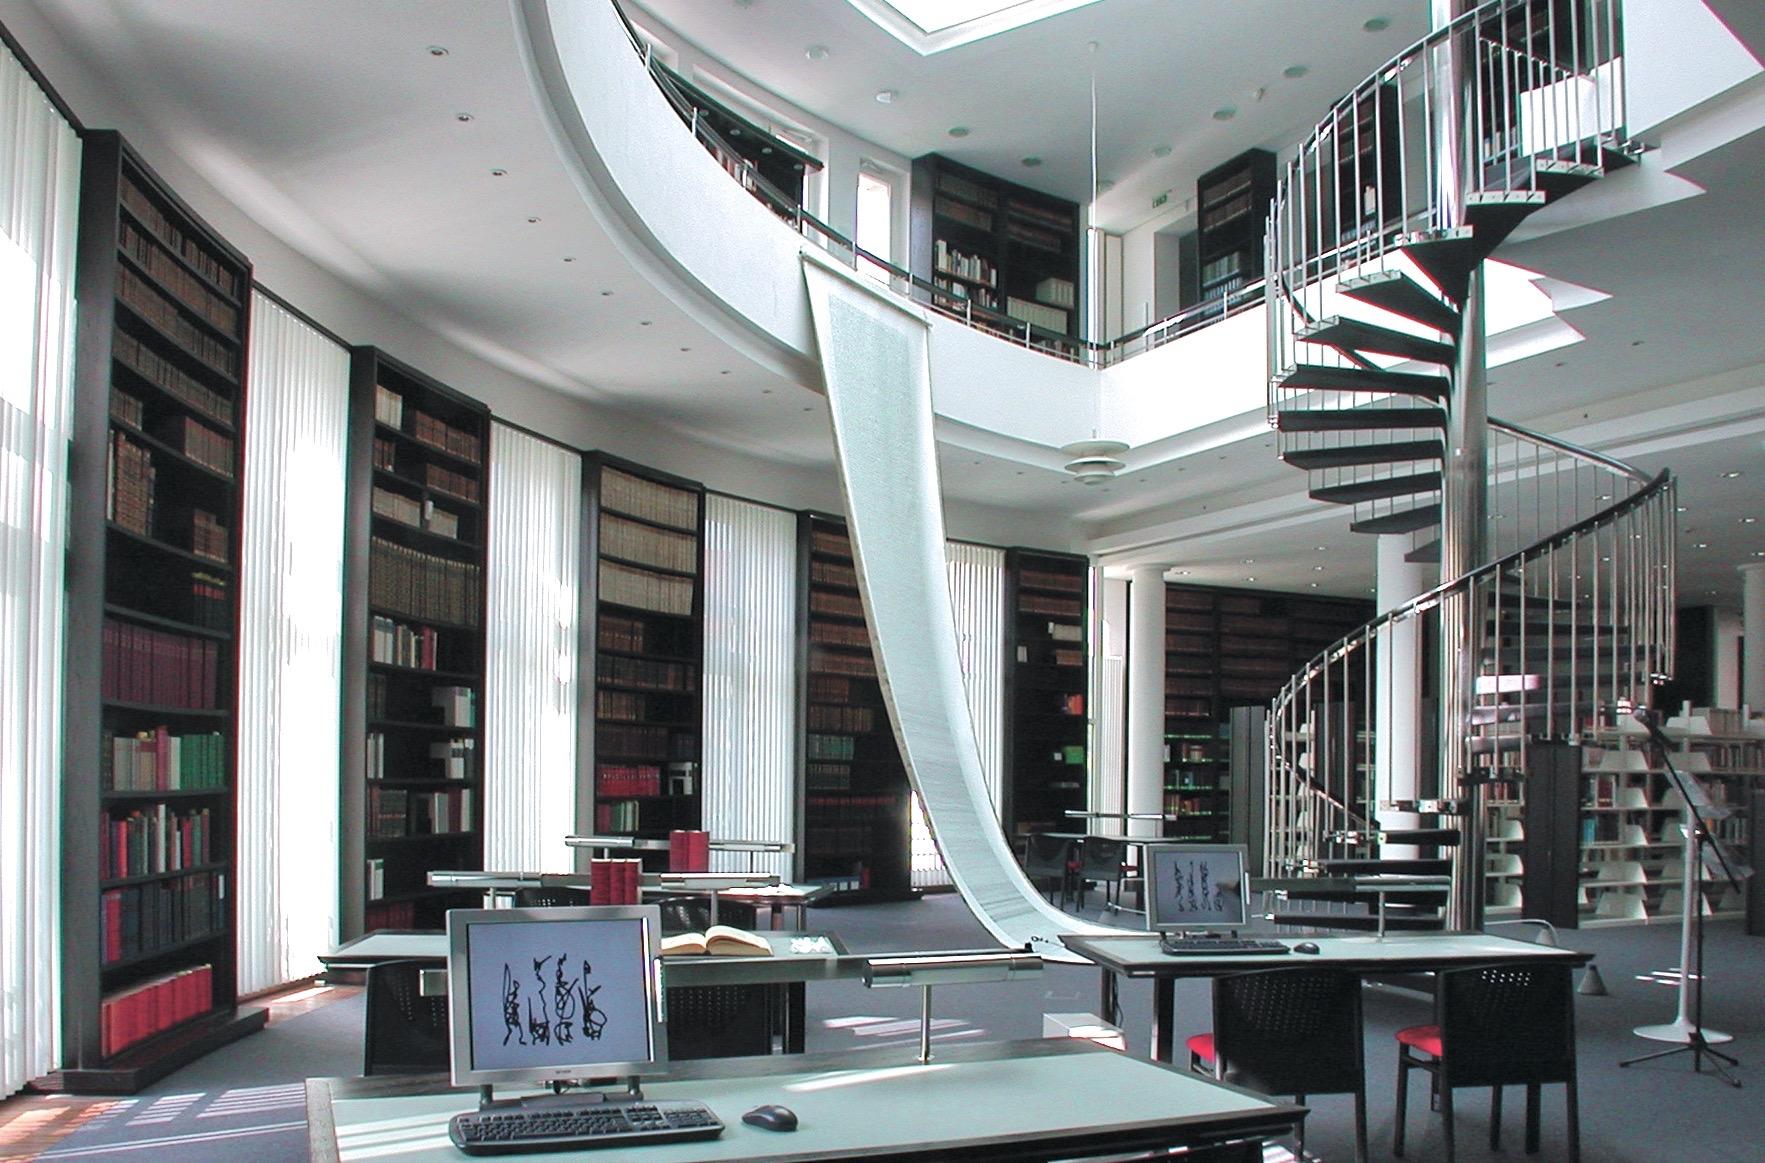 hild-2-Bibliothek1 Kopiergb